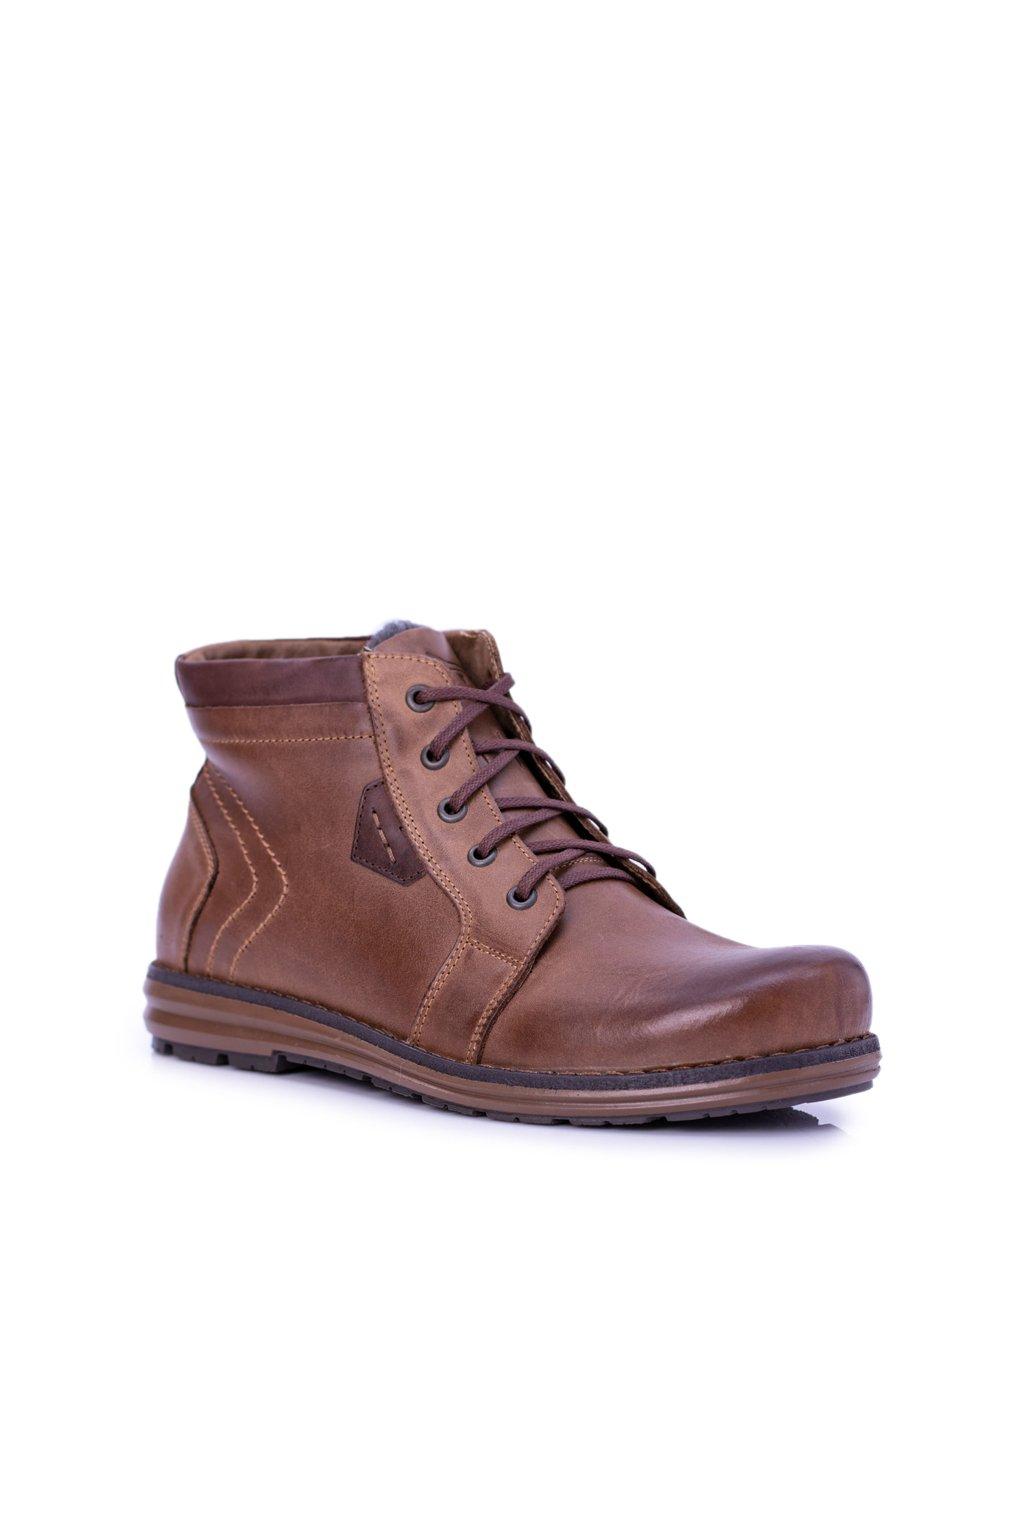 Pánske topánky na zimu farba hnedá kód obuvi J-34 BROWN